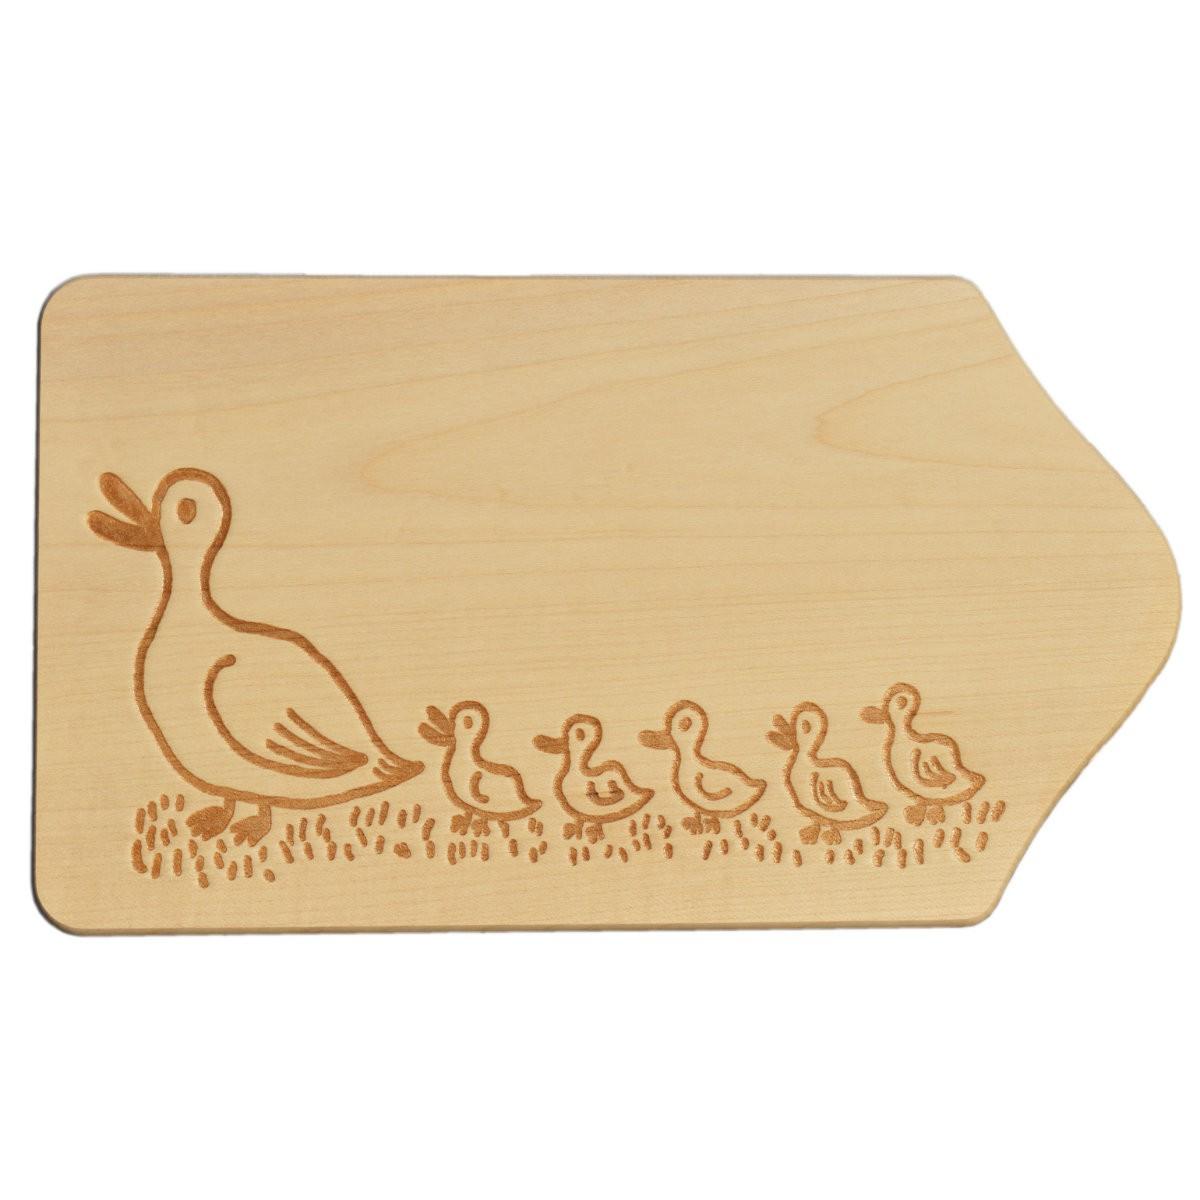 Frühstücksbrettchen Holz mit Gravur - Motiv Enten - zum Selbstgestalten & Bemalen